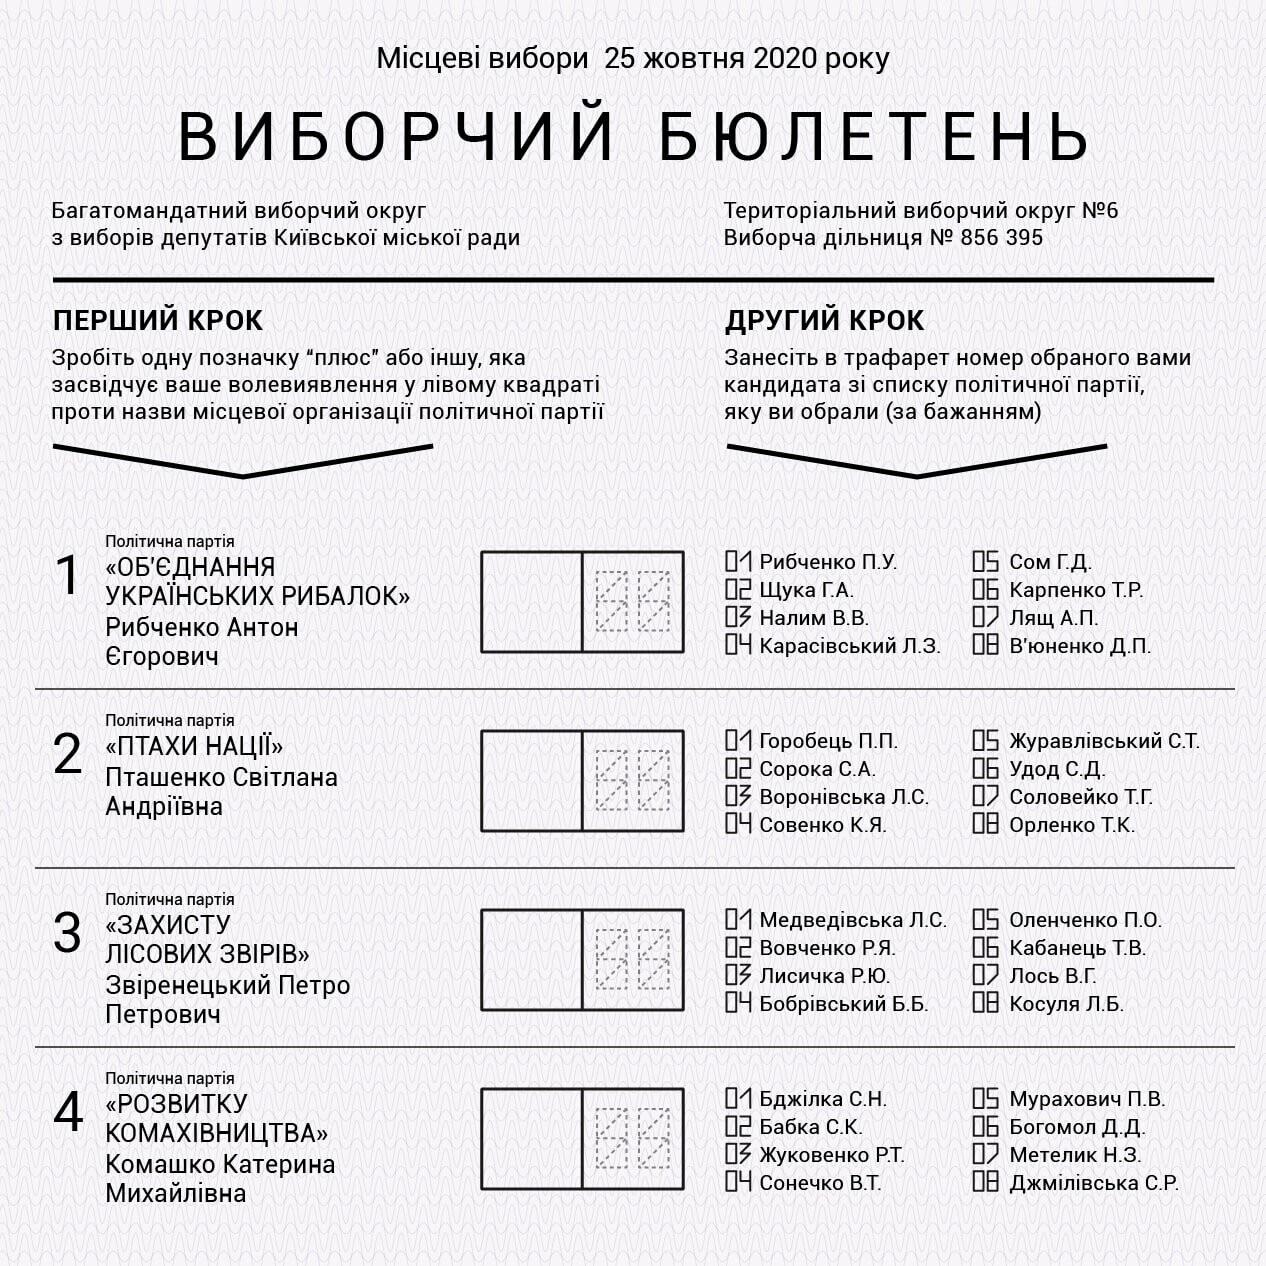 Местные выборы-2020 в Бердянске: новые бюллетени и правила соблюдения адаптивного карантина, фото-1